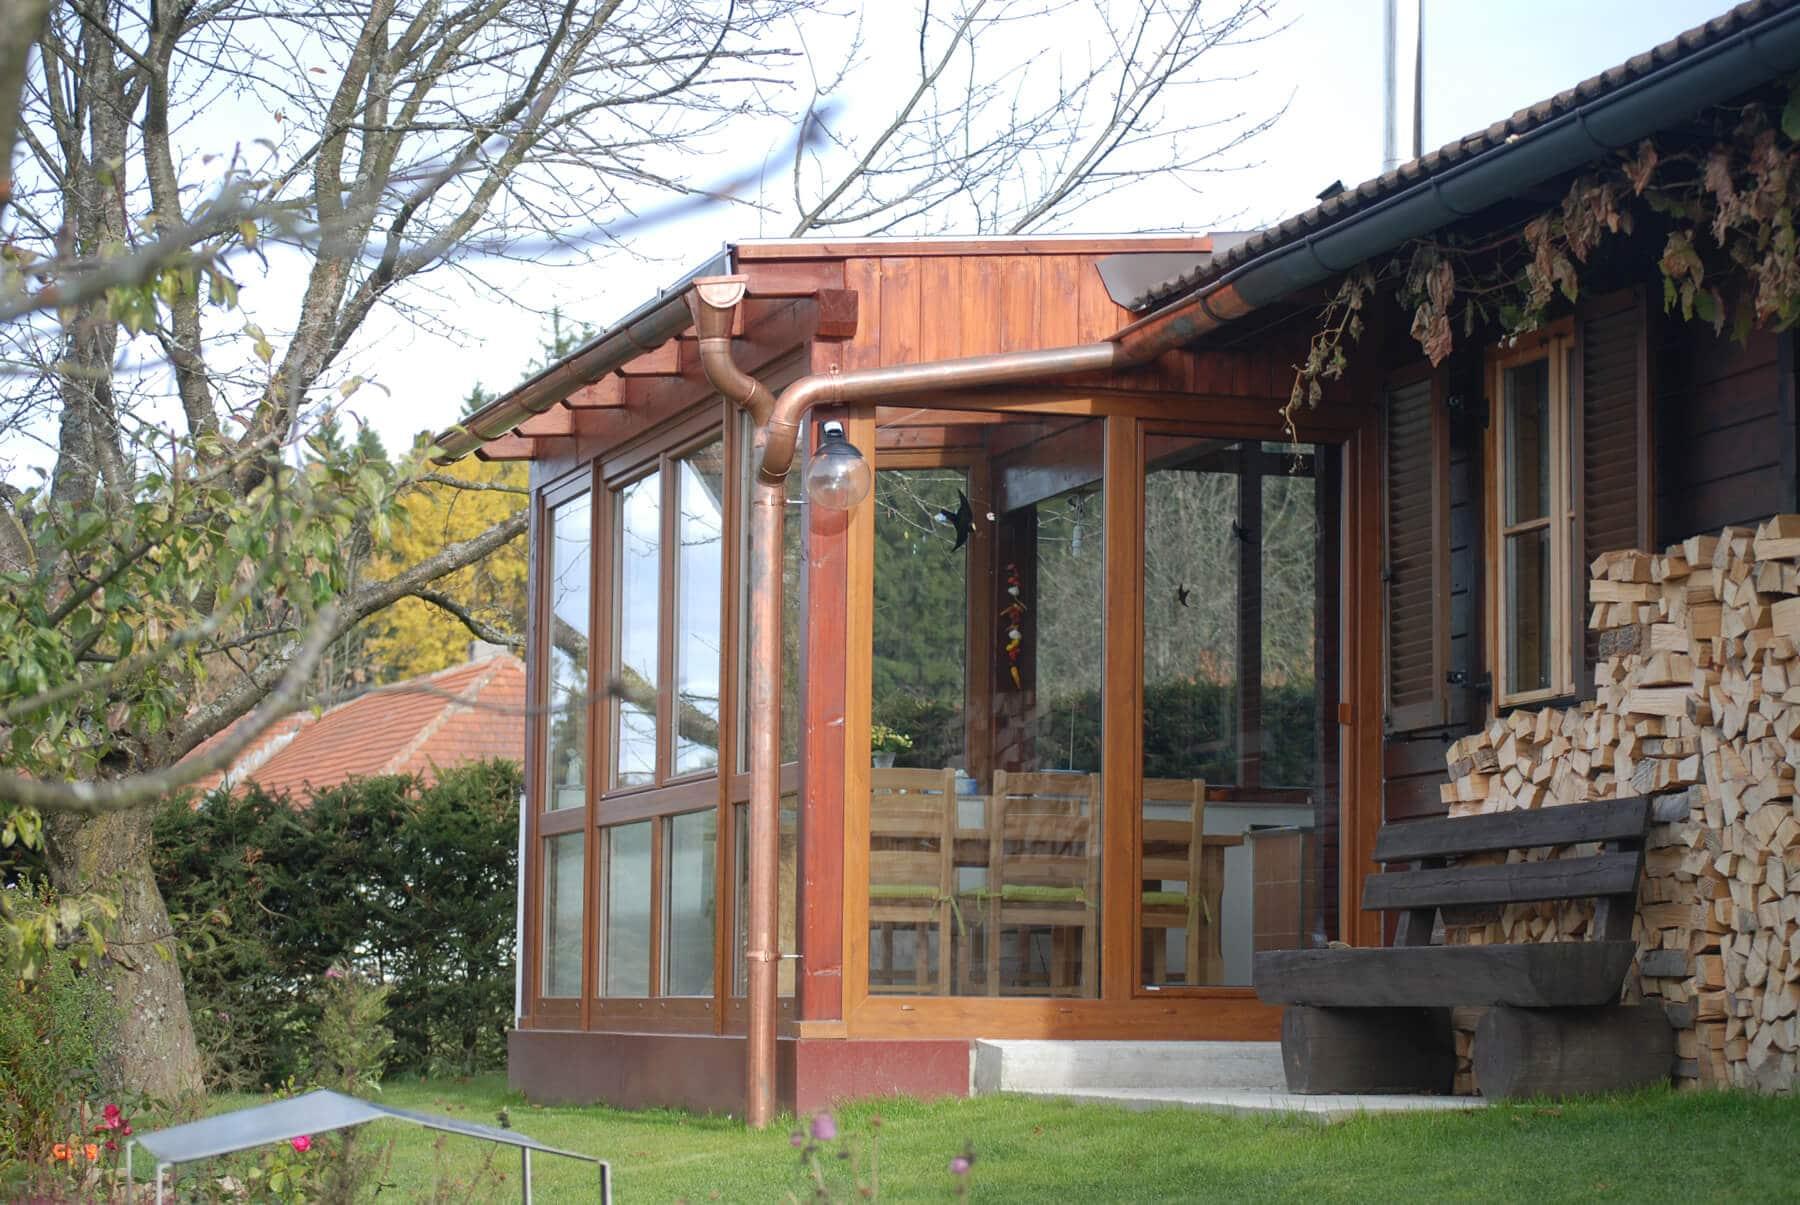 Wintergaten mit Holzkonstruktion und Fensterelementen